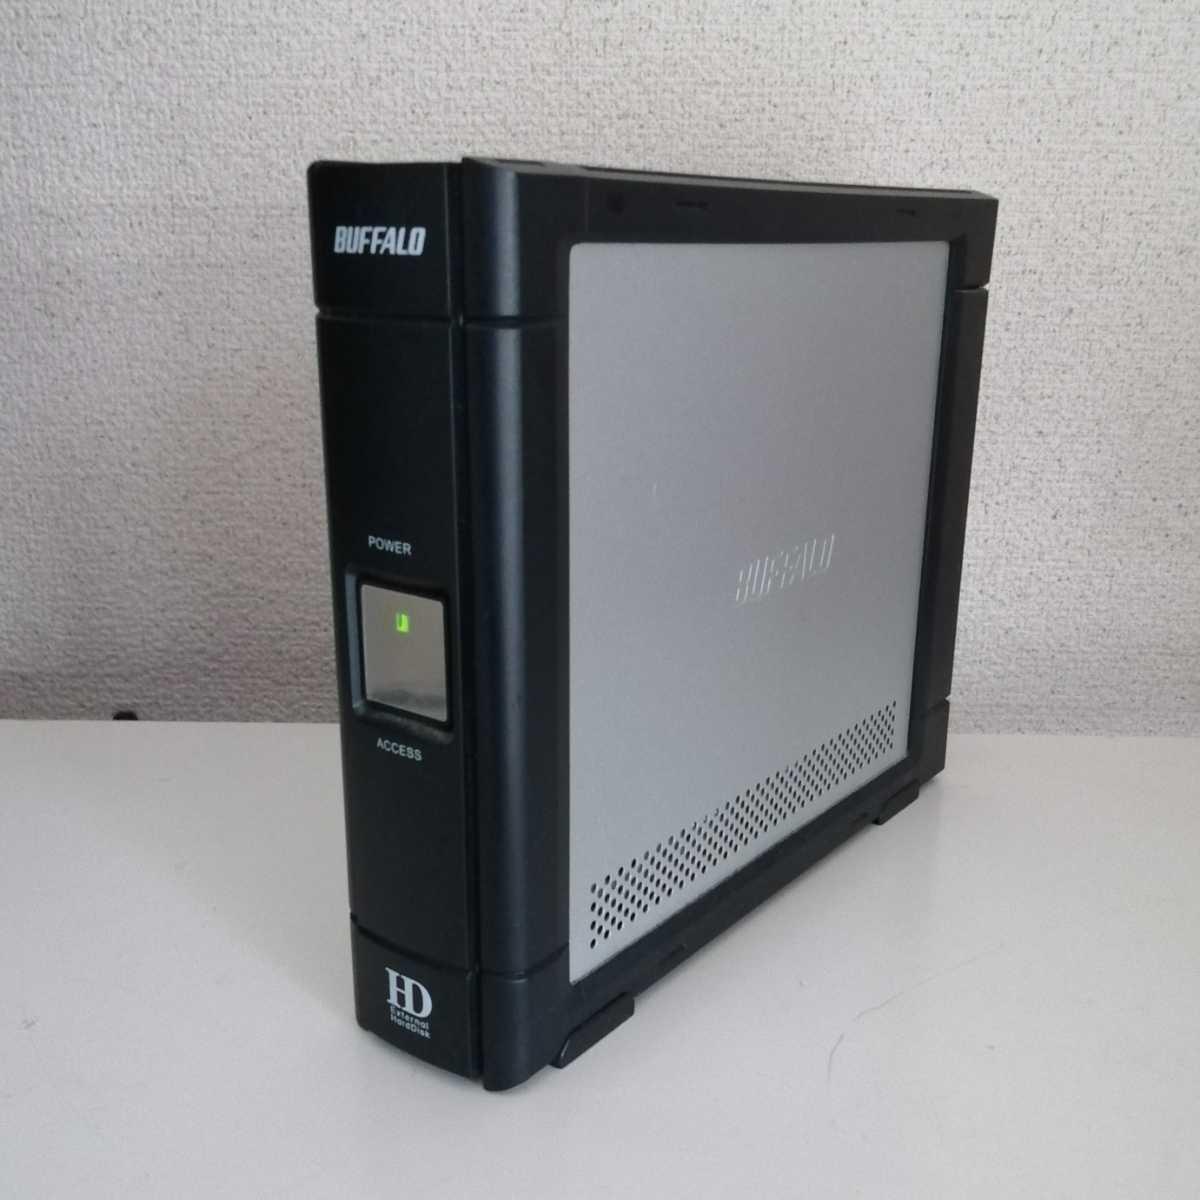 【訳あり】BUFFALO HD-HESU2 外付けハードディスク USB2.0 _画像2